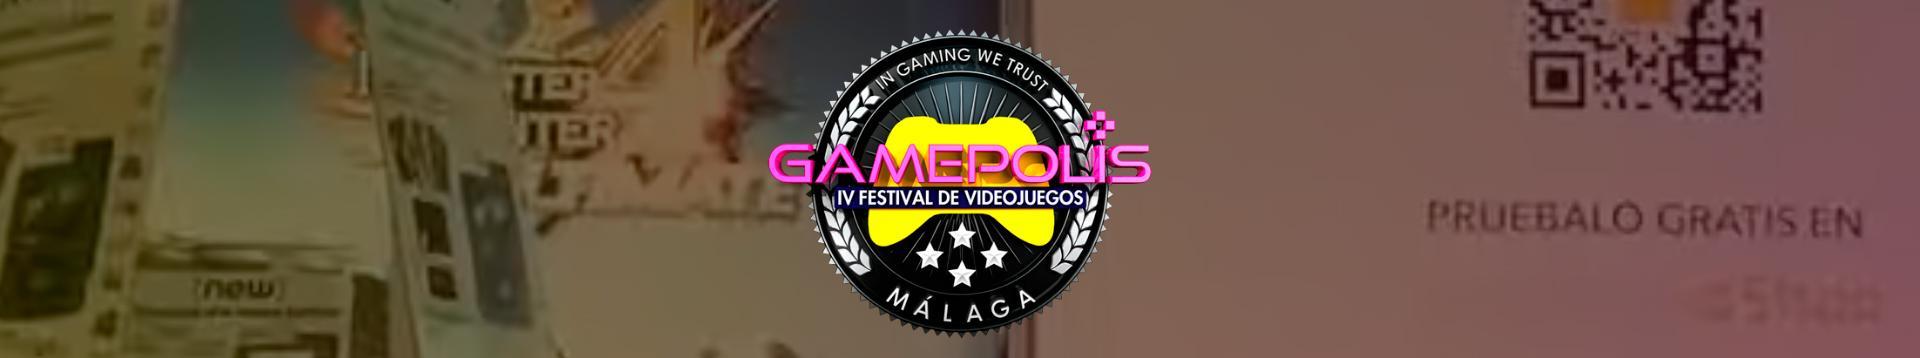 Gamepolis 2016